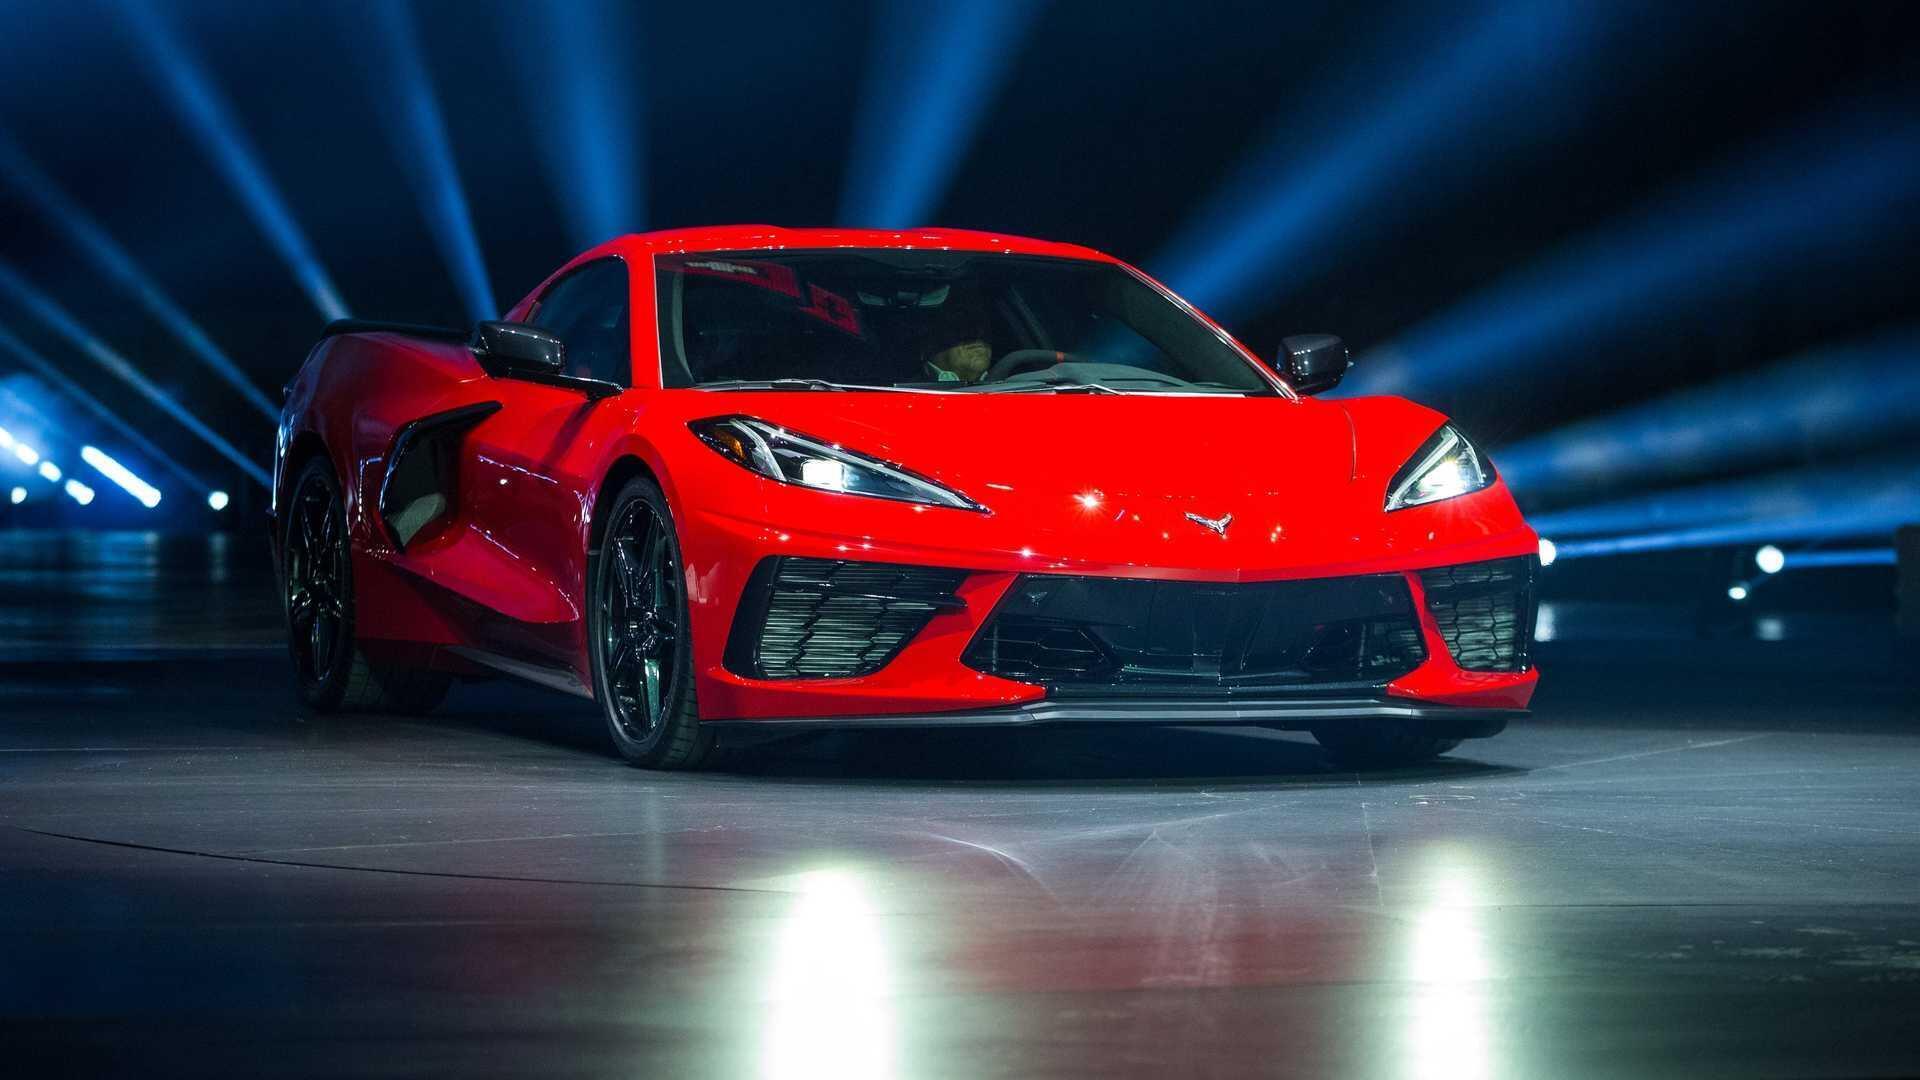 https://cdn.dailyxe.com.vn/image/chevrolet-corvette-2020-co-mot-so-tinh-nang-an-tuyet-voi-26-94544j2.jpg